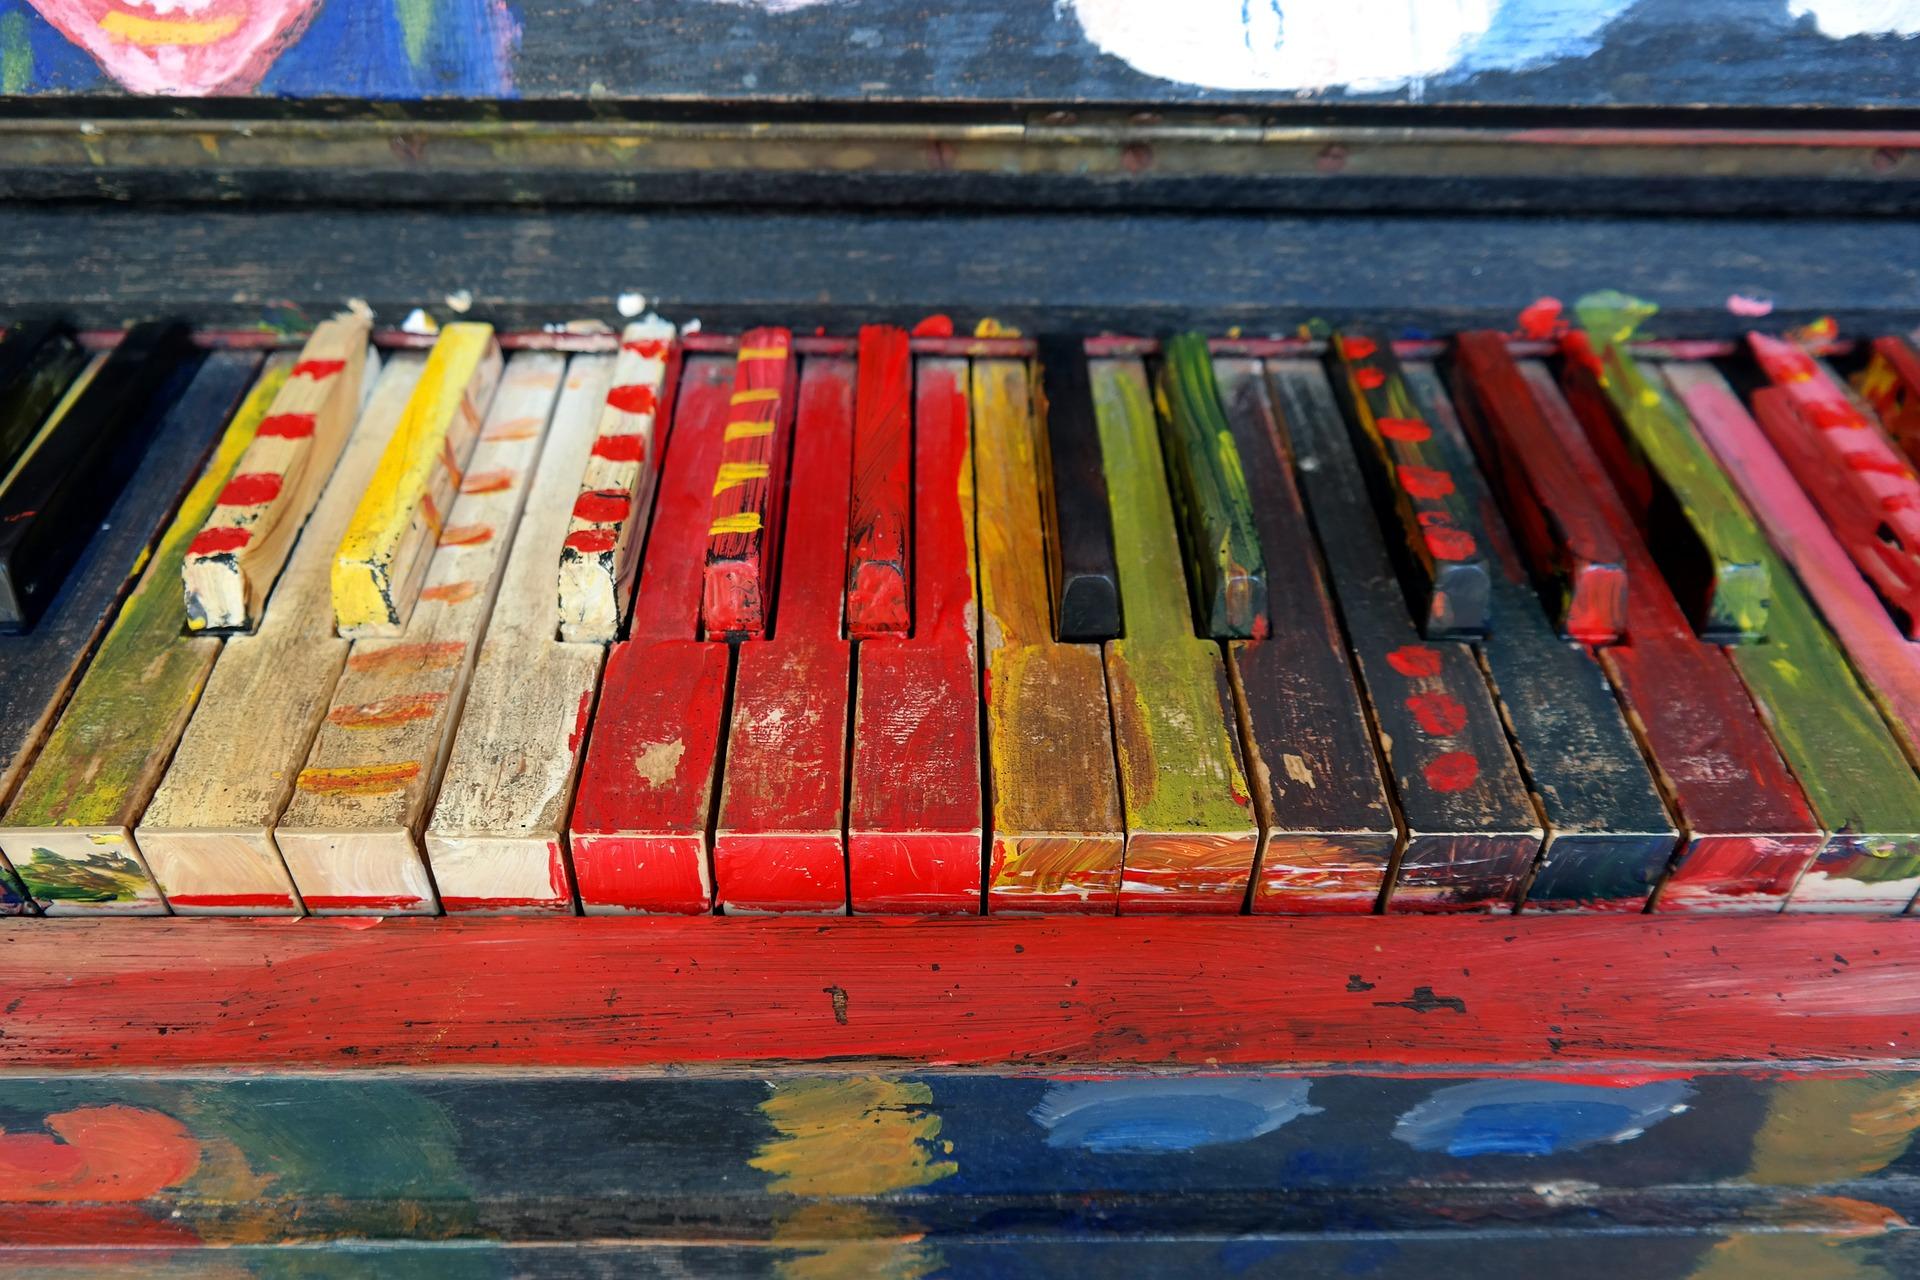 piano-1522855_1920.jpg